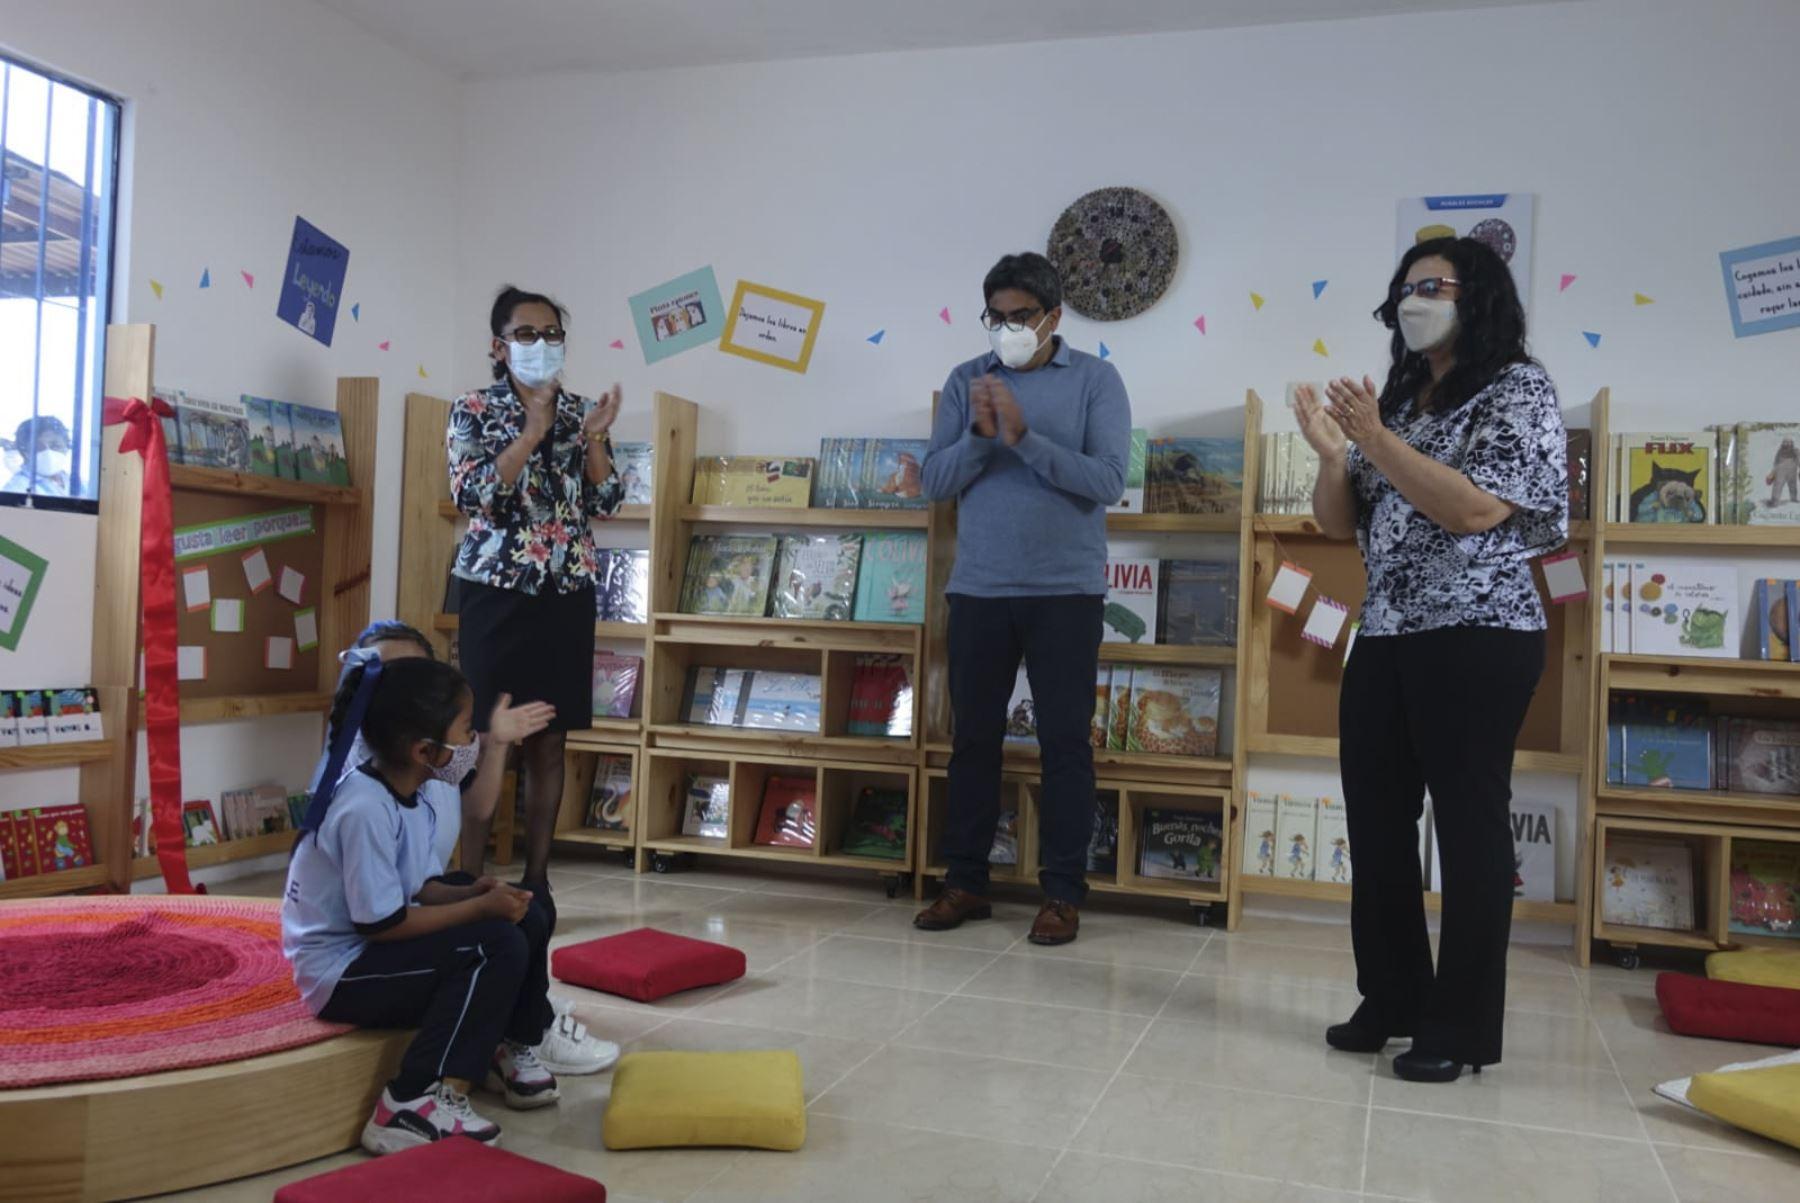 """El ministro de Educación, Martín Benavides, junto a la primera dama, Marisol Díaz, inauguraron la segunda biblioteca del proyecto """"Bibliotecas comunitarias"""" en la institución educativa N° 5135 del distrito de Ventanilla, en el Callao. Foto: Minedu"""